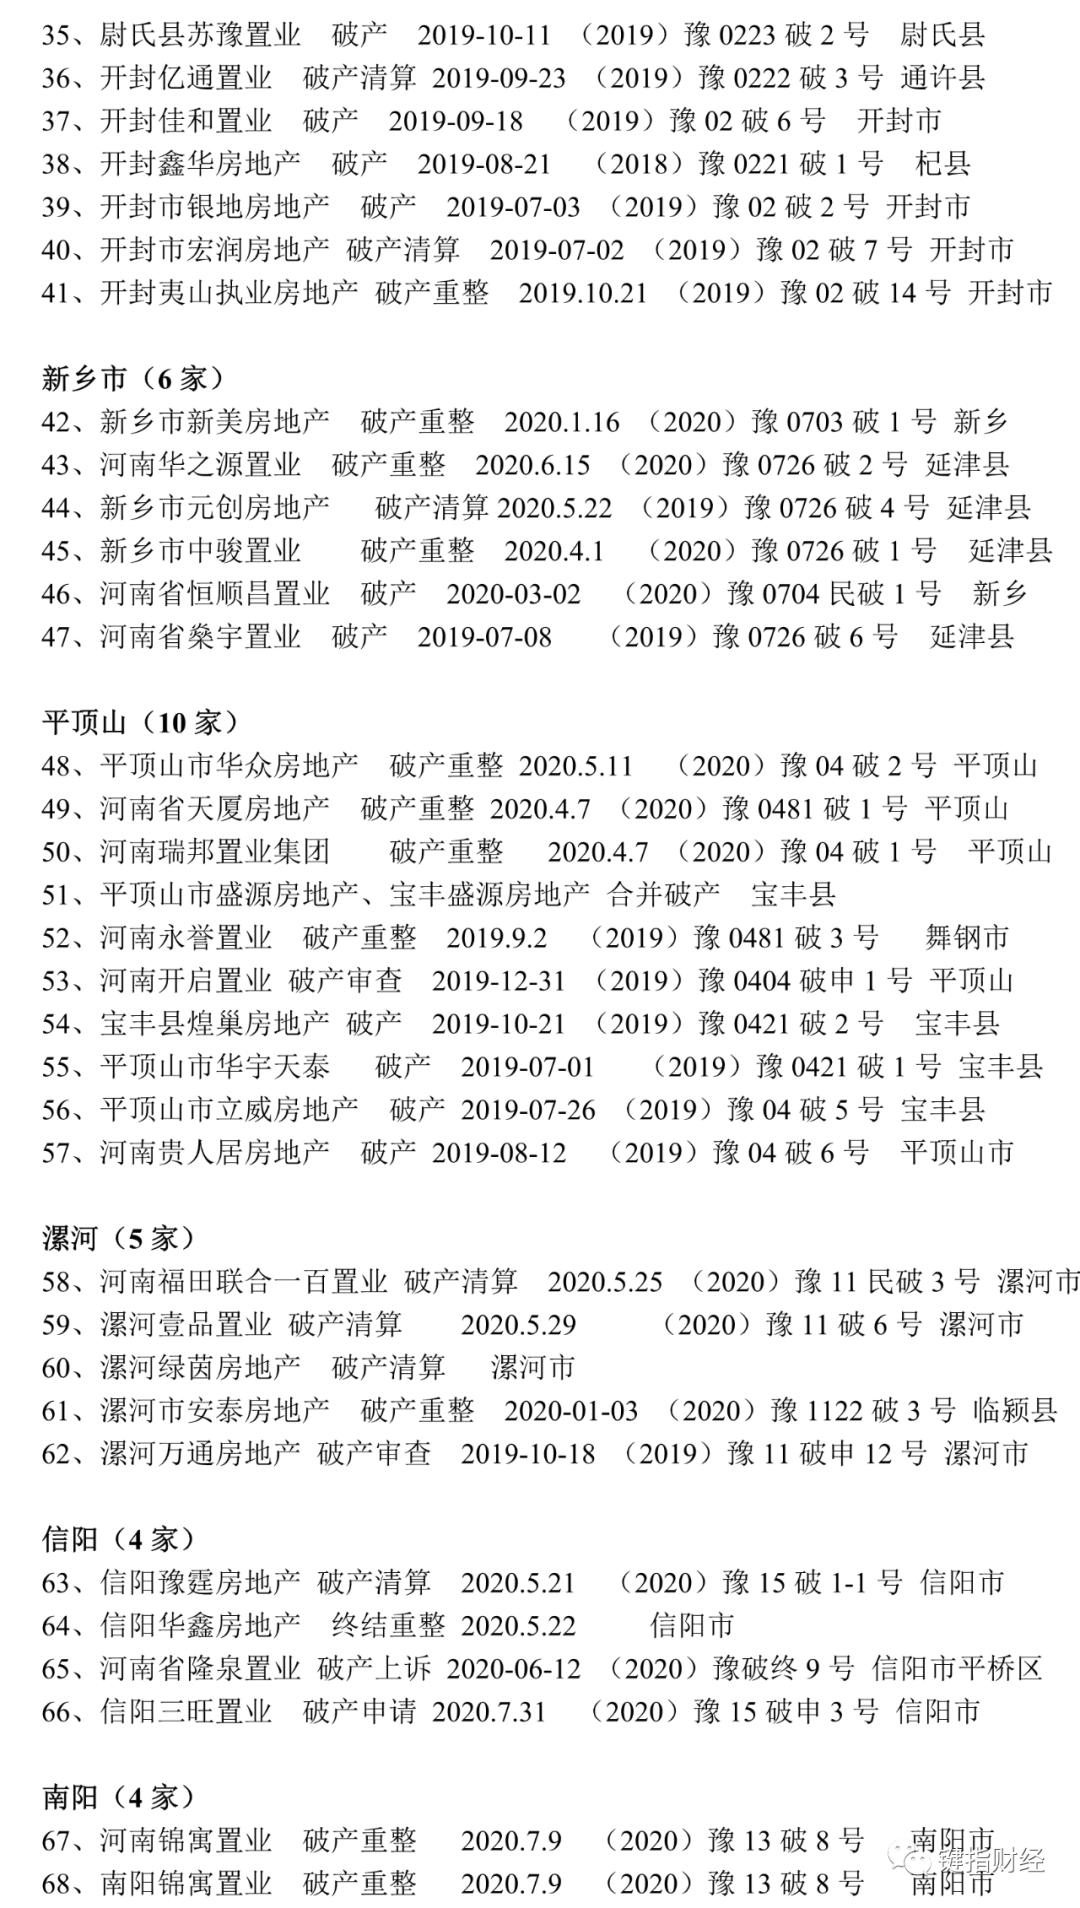 """一年破产100家,河南地产业""""大清洗"""",远比你想像的惨烈"""